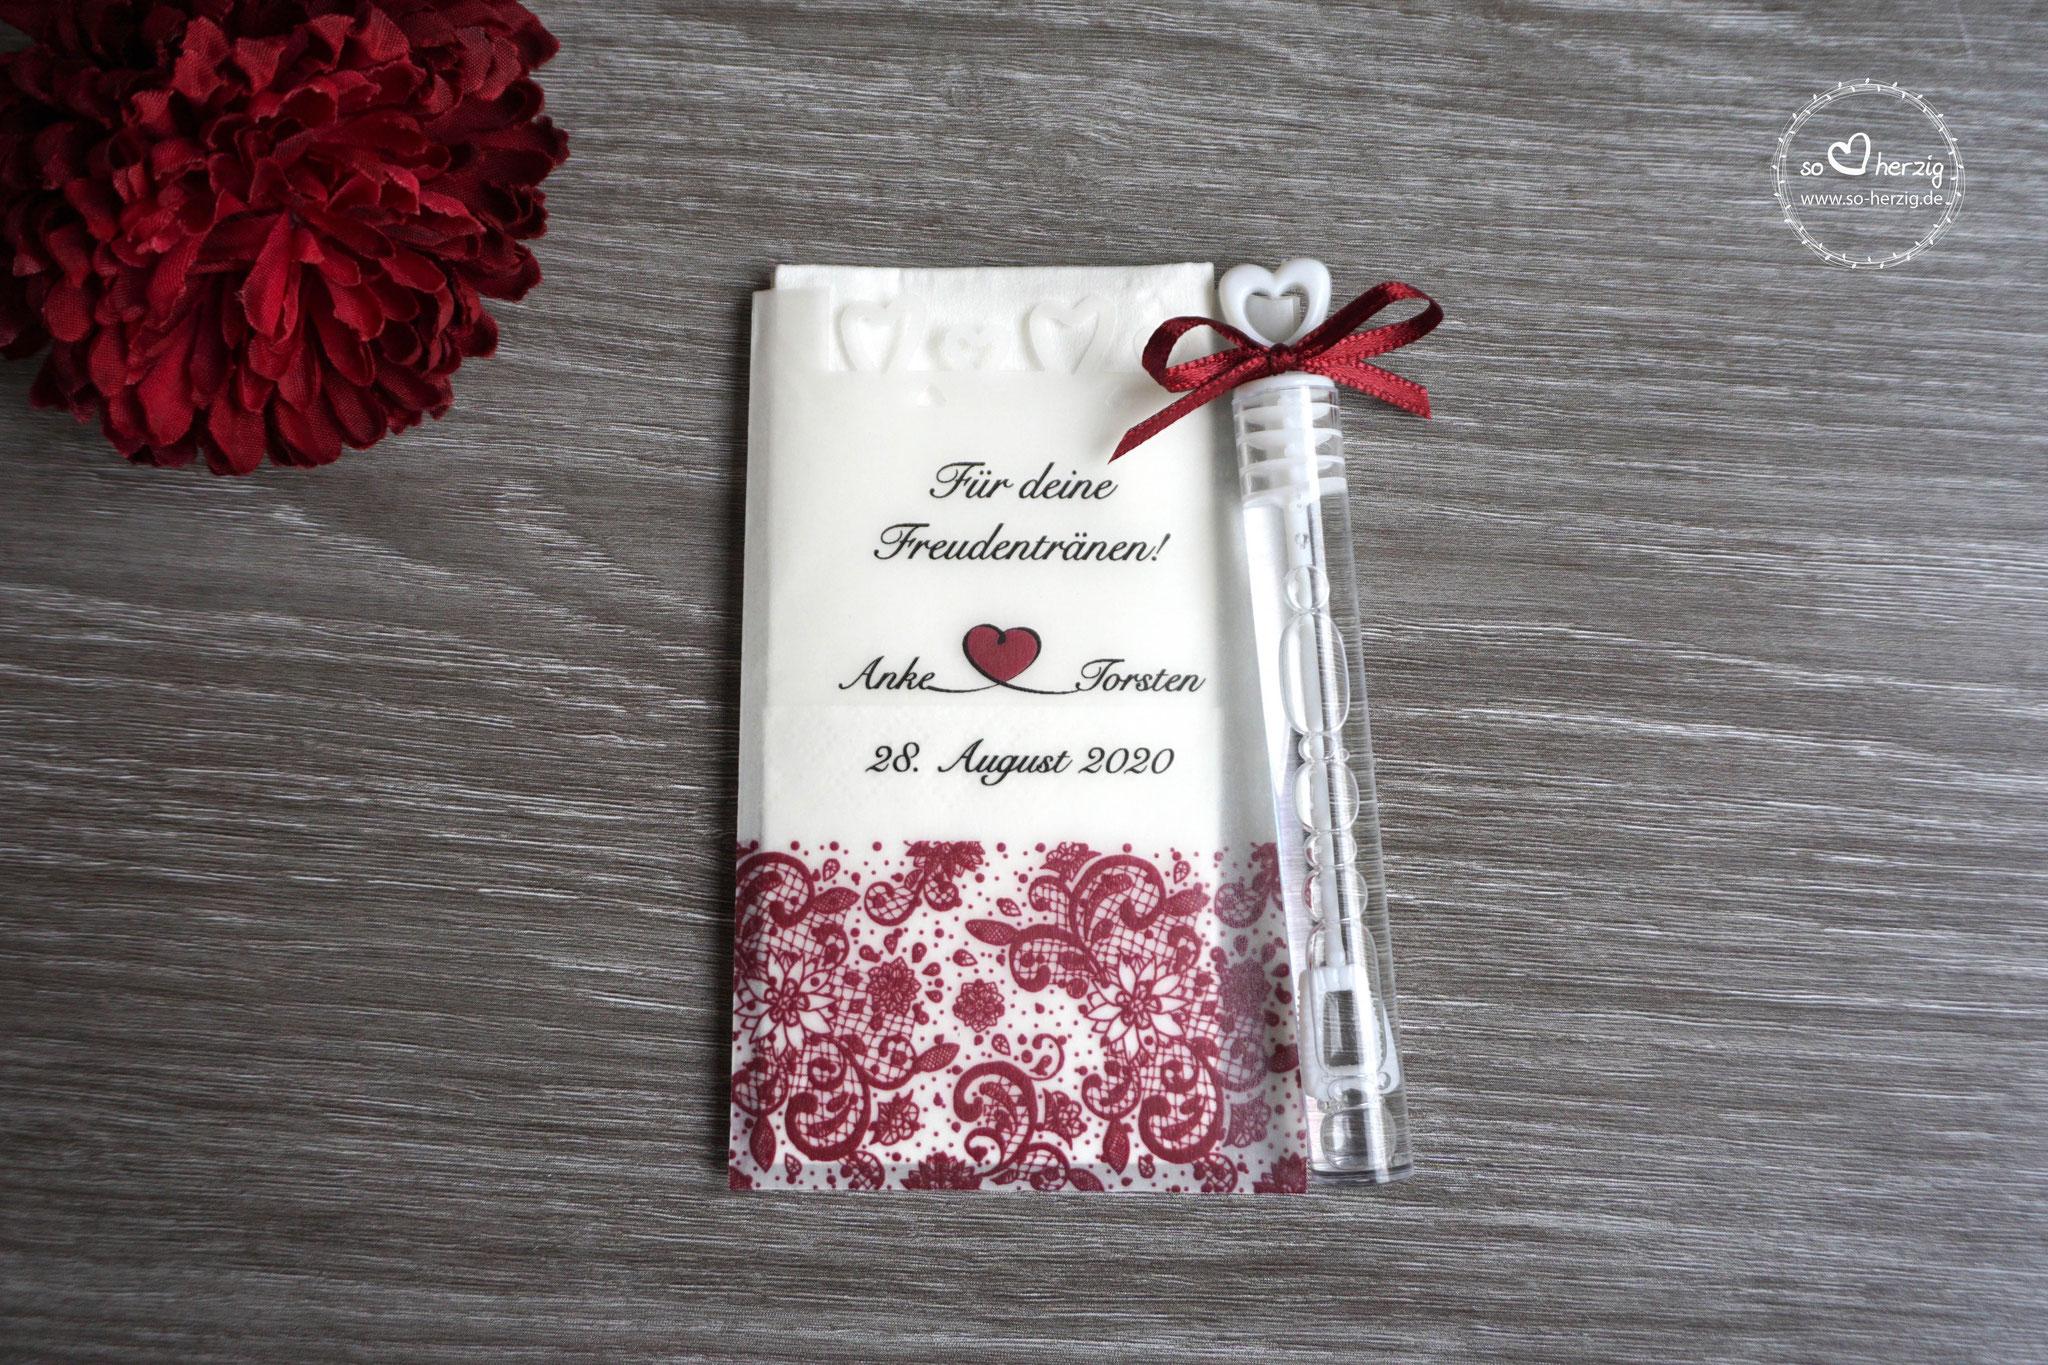 Freudentränen Taschentücher mit Herzrand und Seifenblasen, Design Spitzenband, Farbe Bordeaux, Satinband